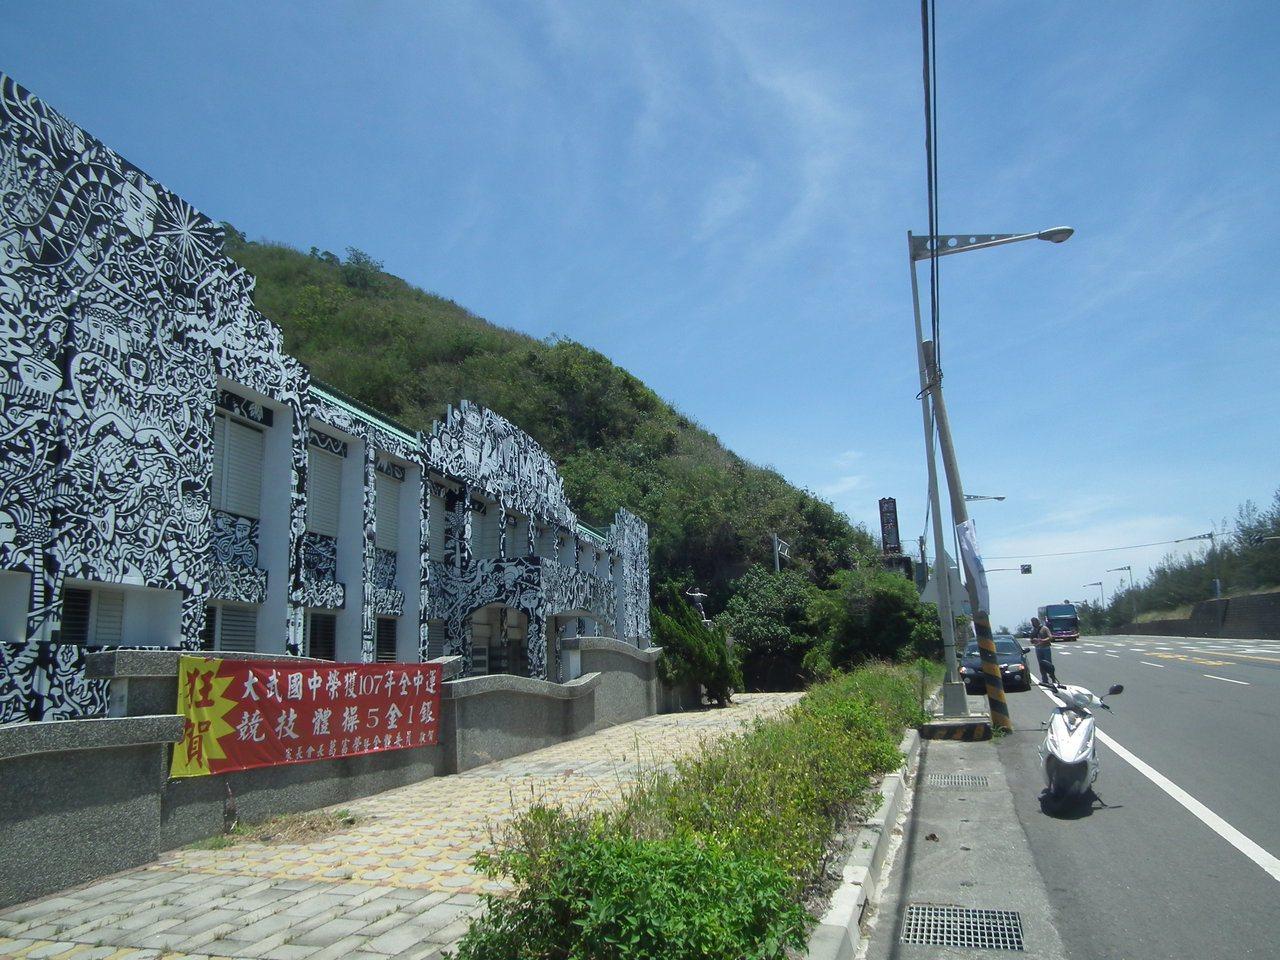 台東大武國中學生活動中心牆面設計彩繪的排灣族圖騰,讓不少往來車輛目光被吸引住,成...